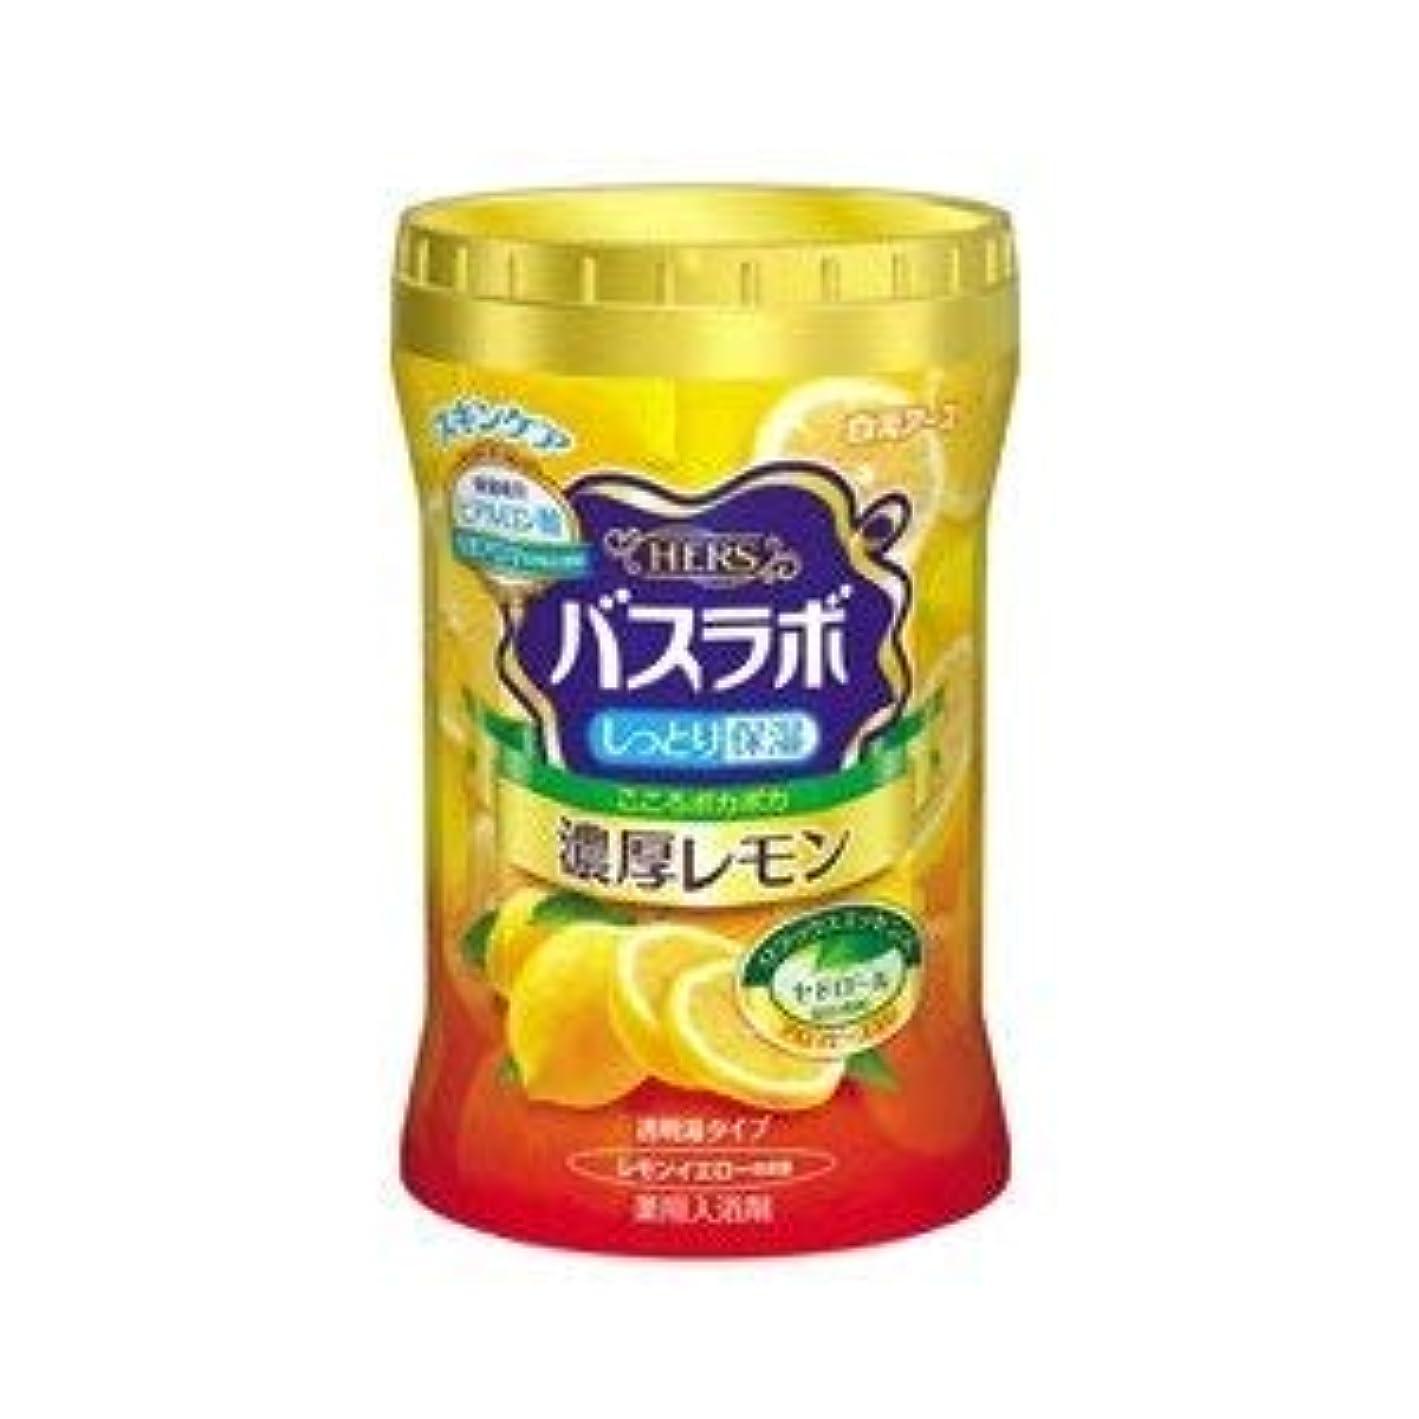 反乱ピーク手書きバスラボボトル濃厚レモン640g